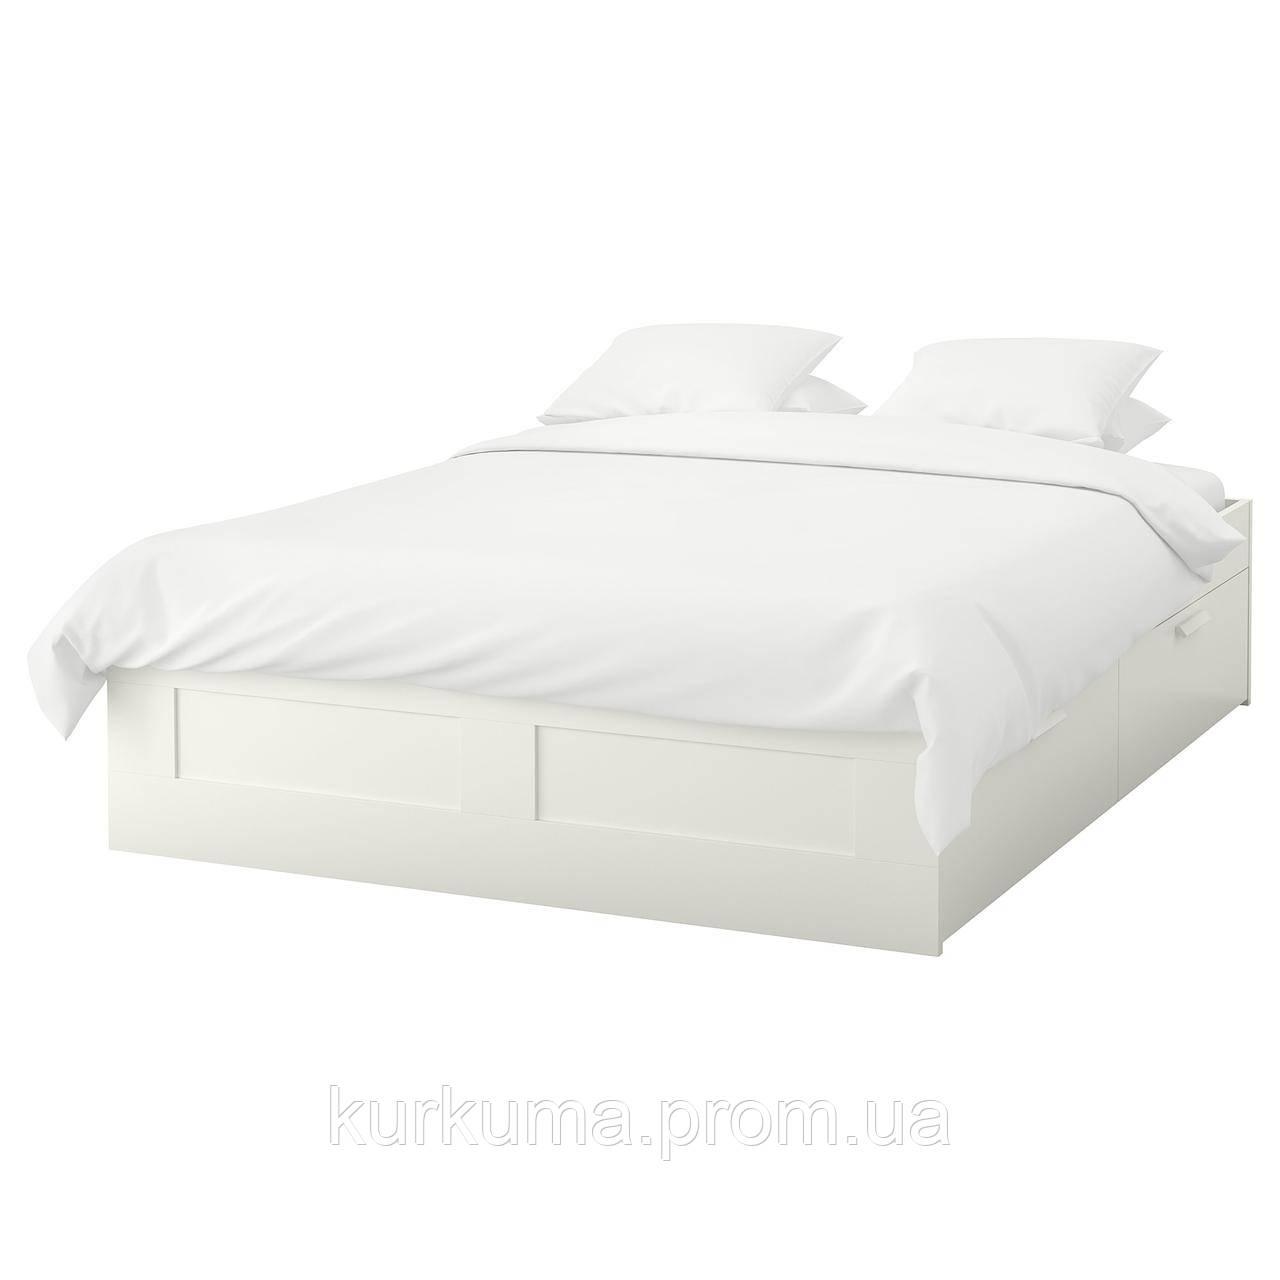 IKEA BRIMNES Кровать с ящиками, белый, Лурой  (099.029.34)